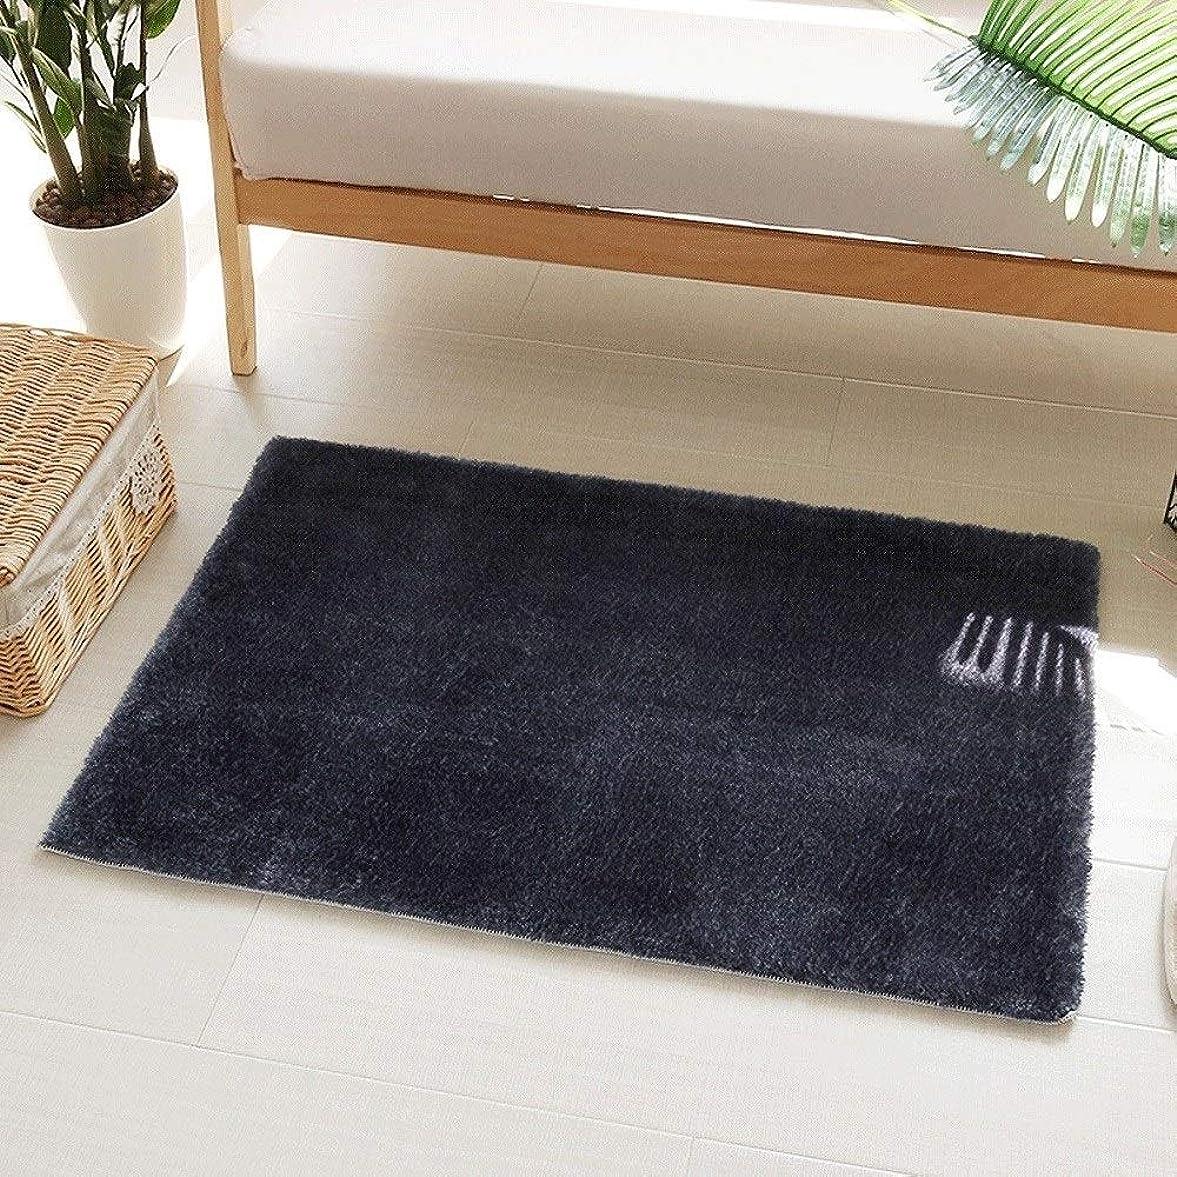 相互ミニチュア楽観的現代のミニマリストのバスルームのドアマットリビングルームのエリアラグ柔らかい敷物パッド滑り止め吸収マットマットカーペット Blingstars (Color : ブラック, Size : 45*70)